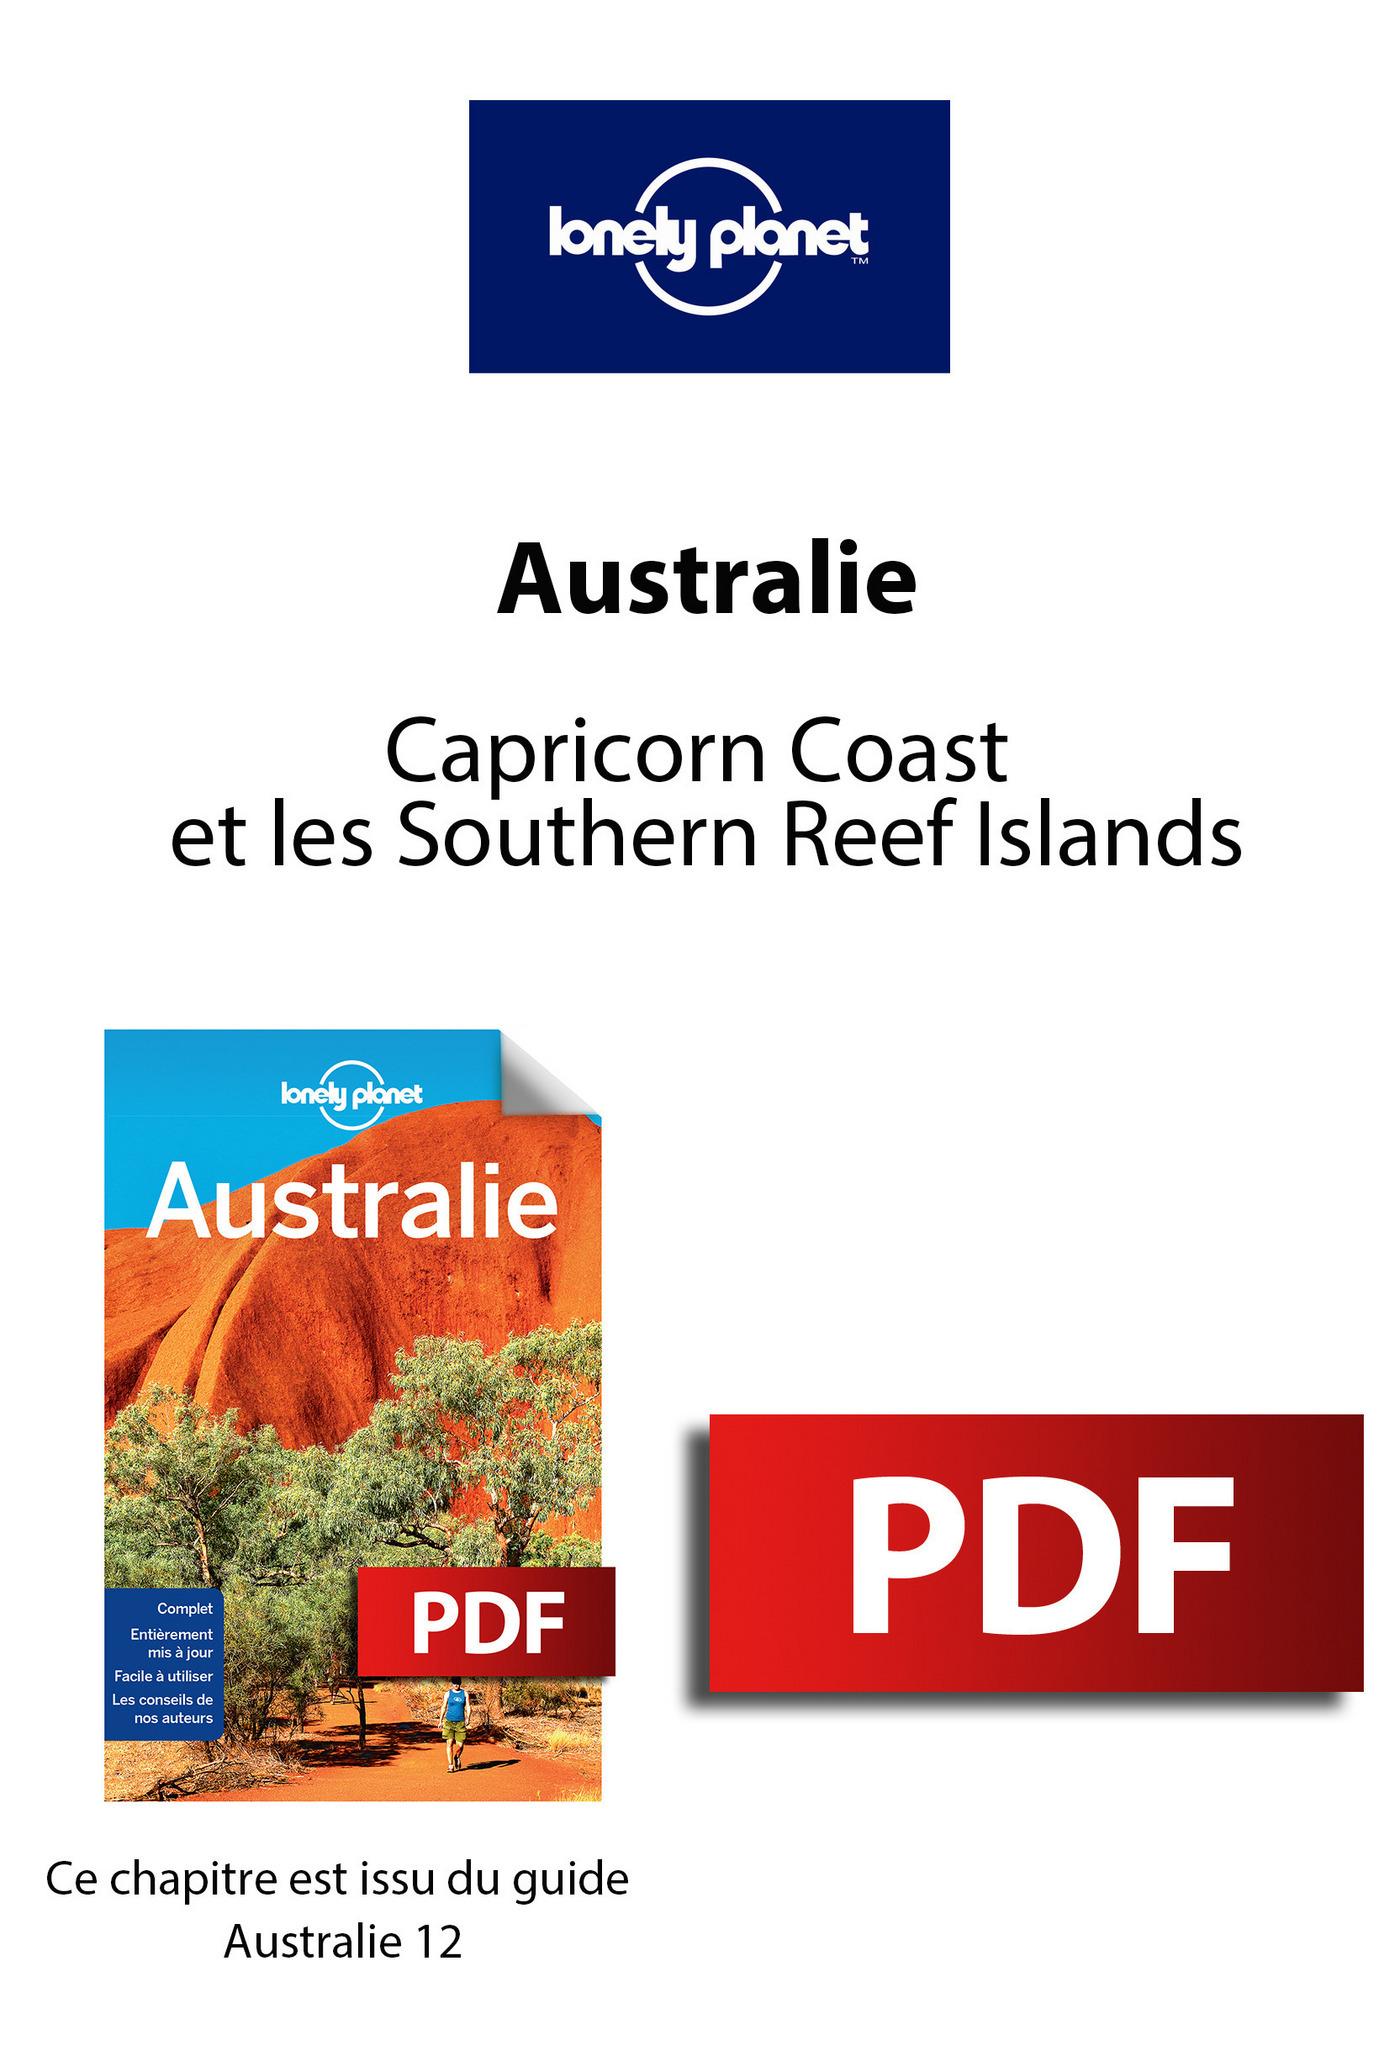 Australie - Capricorn Coast et les Southern Reef Islands